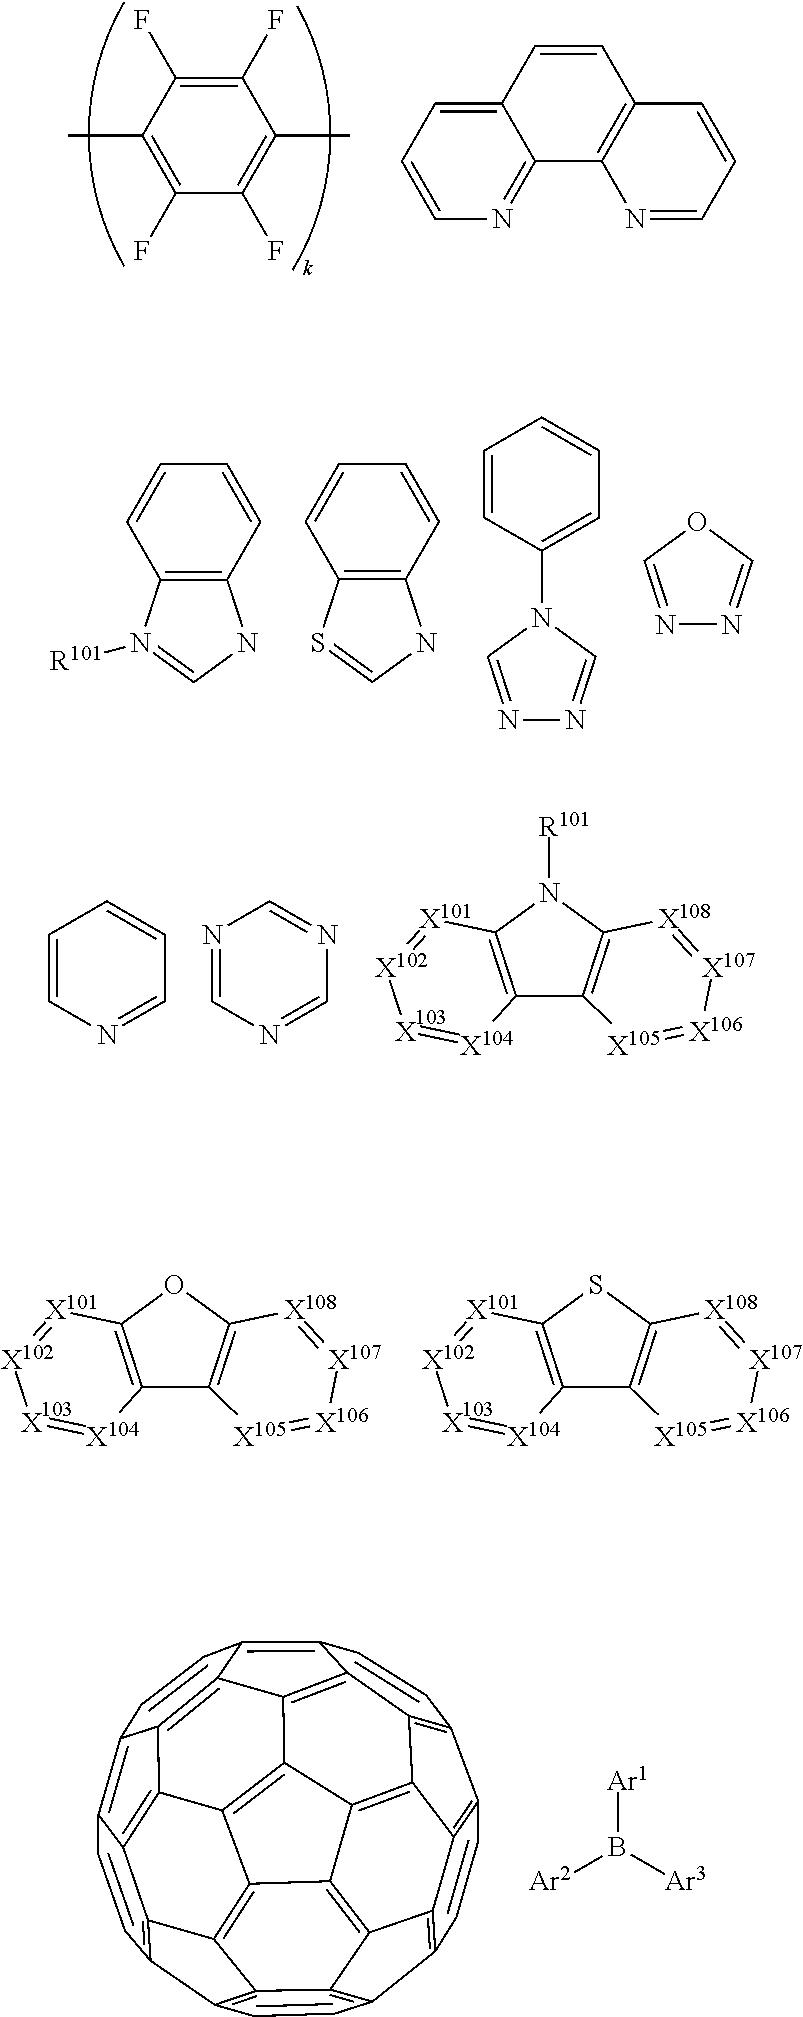 Figure US09224958-20151229-C00027